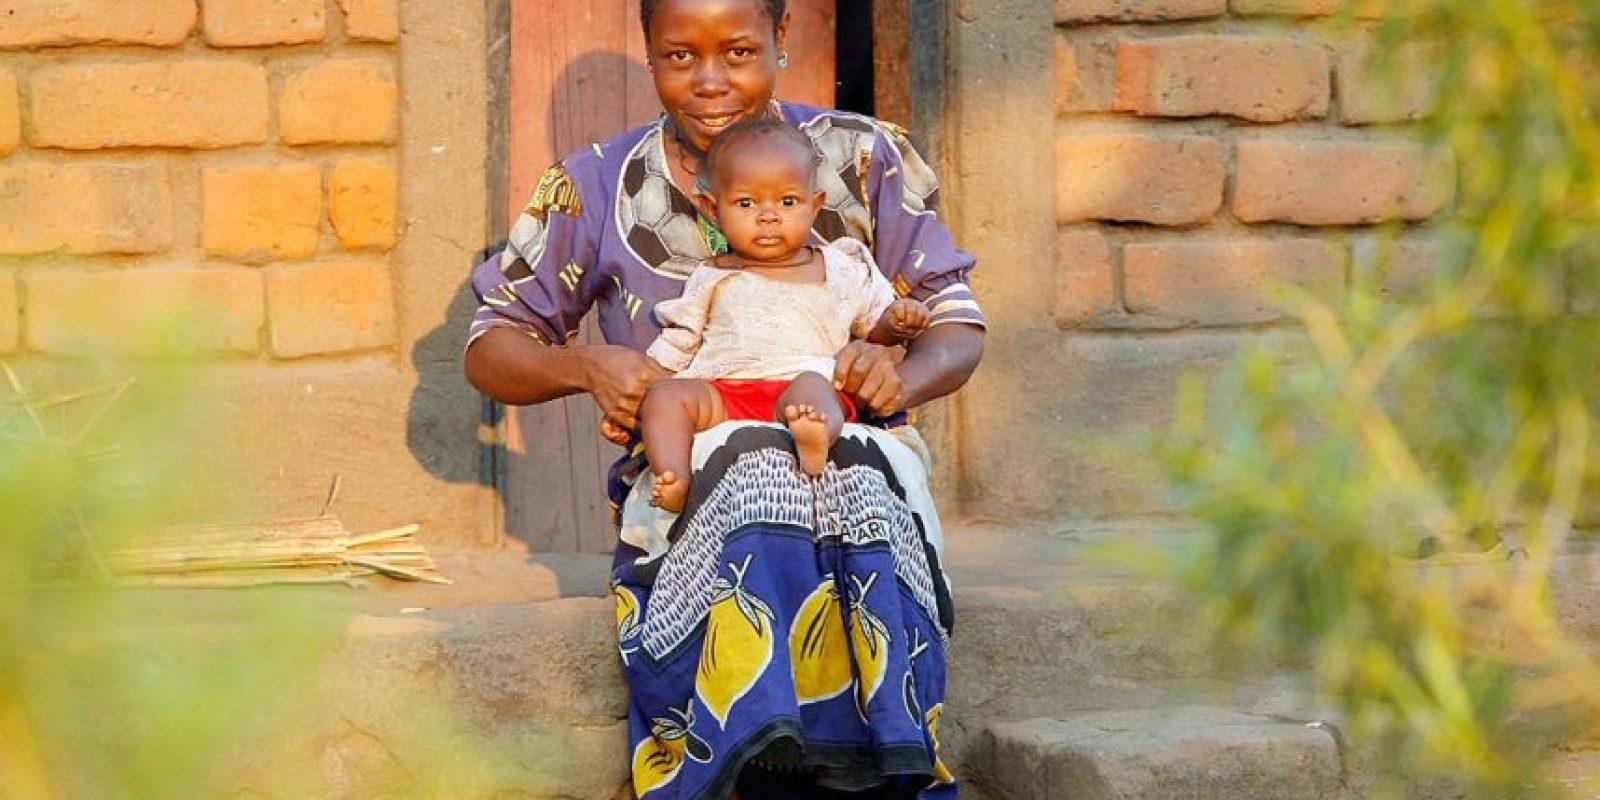 El sexo con un hiena debe realizarse sin preservativos, por lo que el riesgo de embarazos a una edad temprana y la transmisión del VIH en mujeres es una gran preocupación. Foto:Getty Images